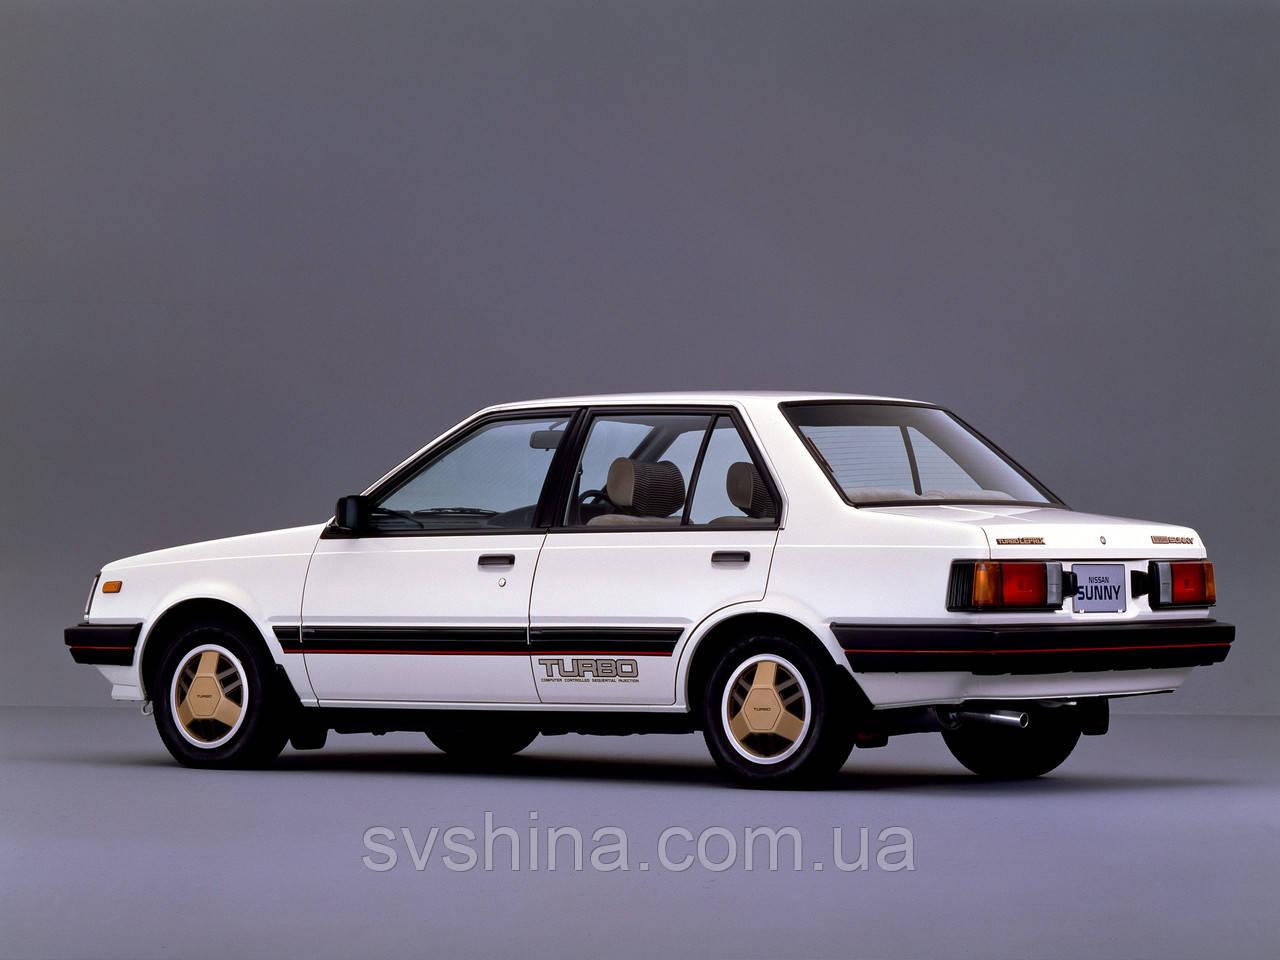 Дефлекторы окон Heko на Nissan  Sunny (B11) 1981-1986